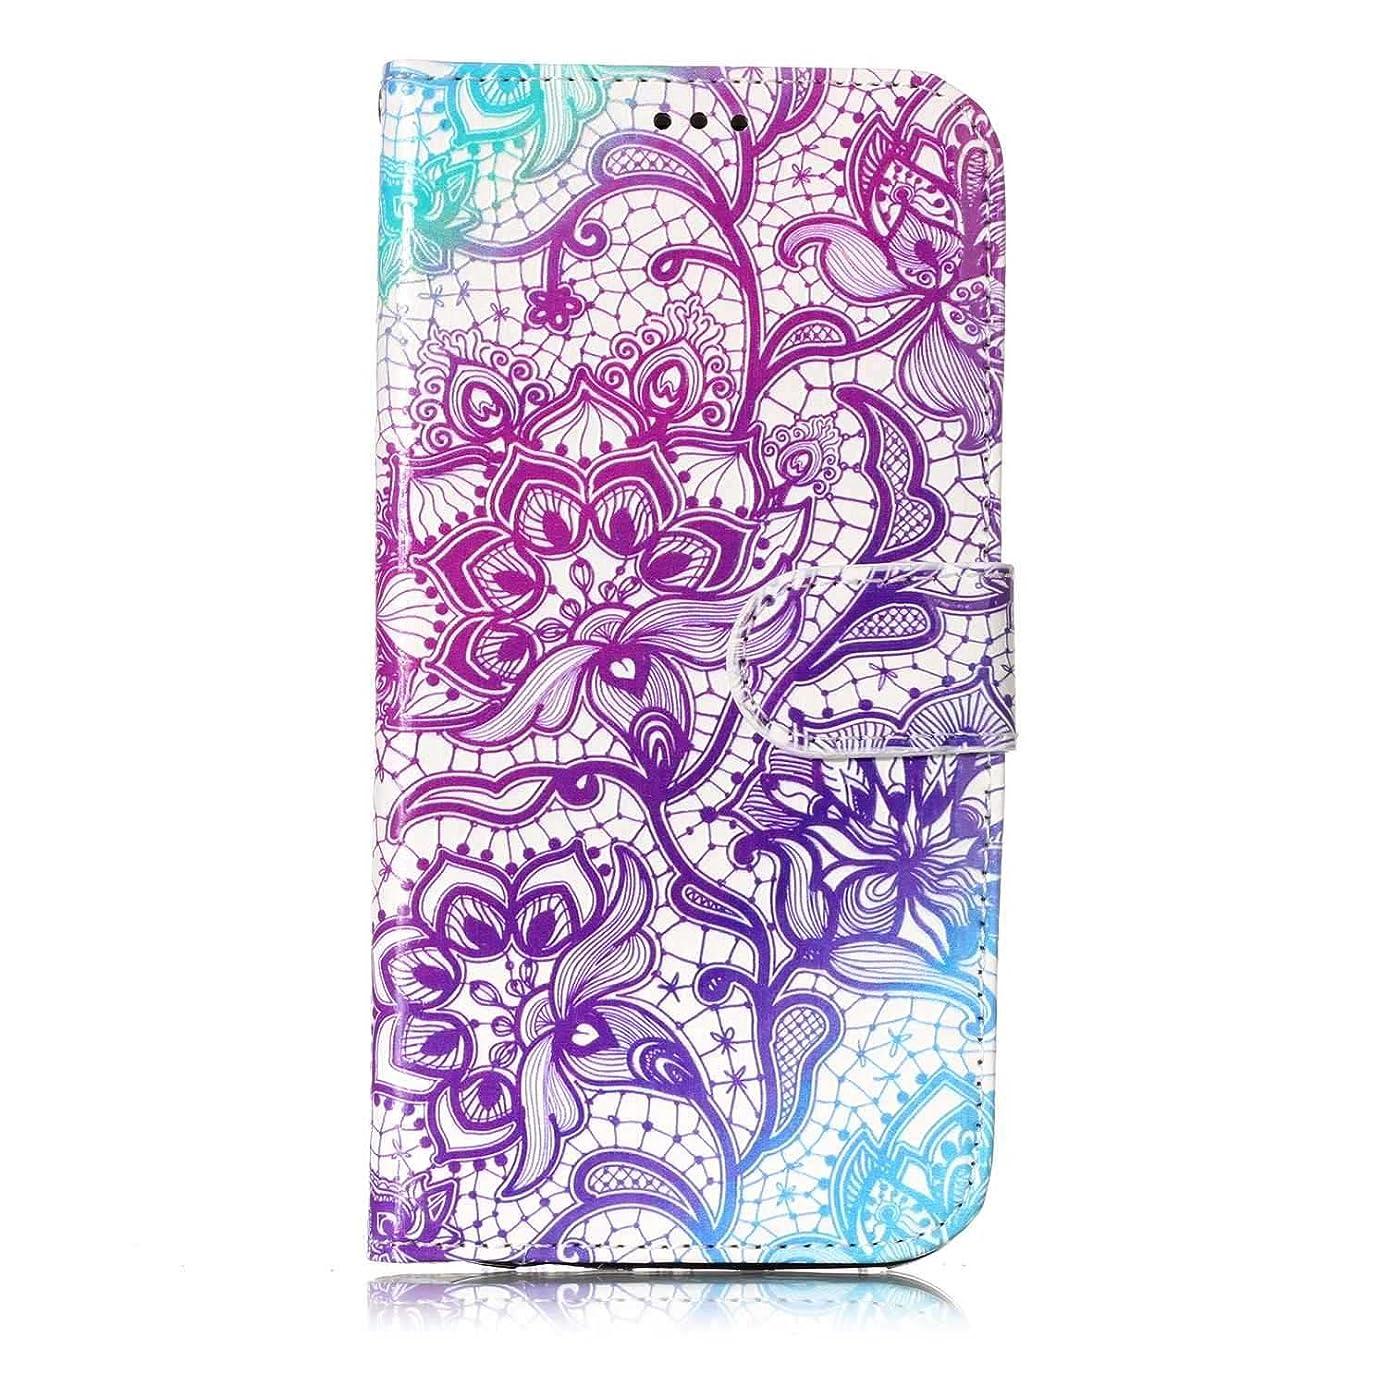 どきどき死ぬブラインドGalaxy S7 ケース, OMATENTI 人気度 花柄 PU レザー 財布型 カバー ケース, カード収納 おしゃれ 高級感 手帳型ケース 衝撃吸収 落下防止 防塵 マグネット開閉式 プロテクター Galaxy S7 対応, 紫の